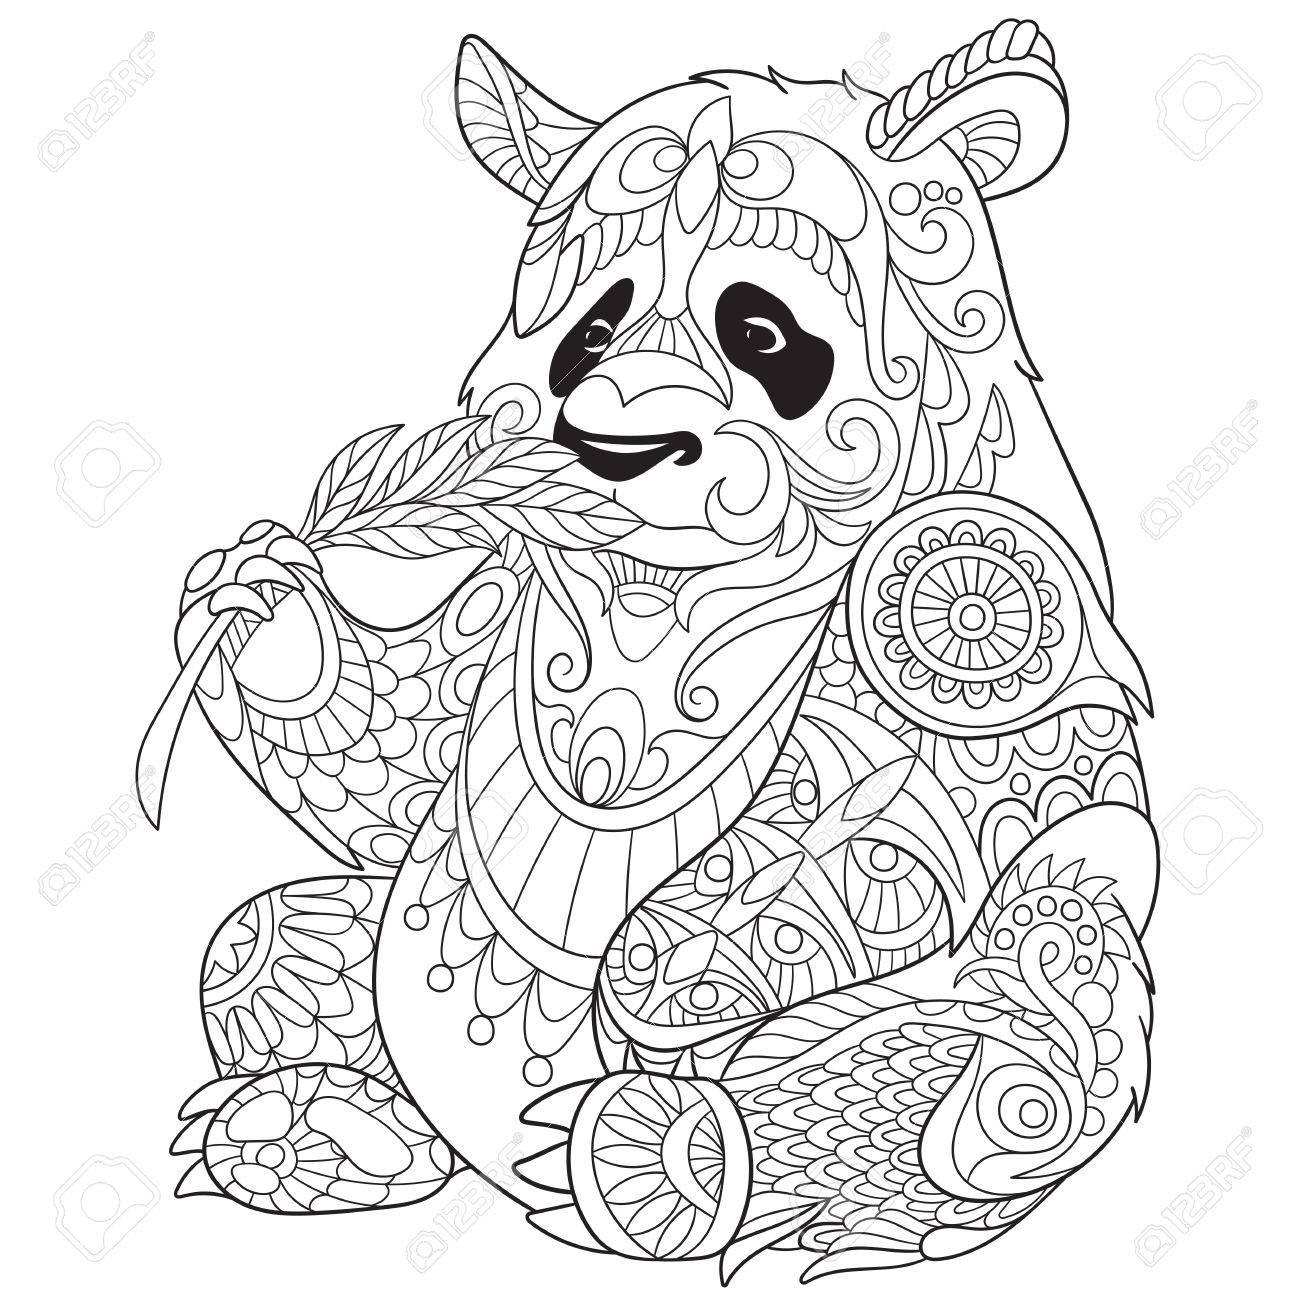 1300x1300 Stylized Cartoon Panda Clip Art Libres De Droits , Vecteurs Et